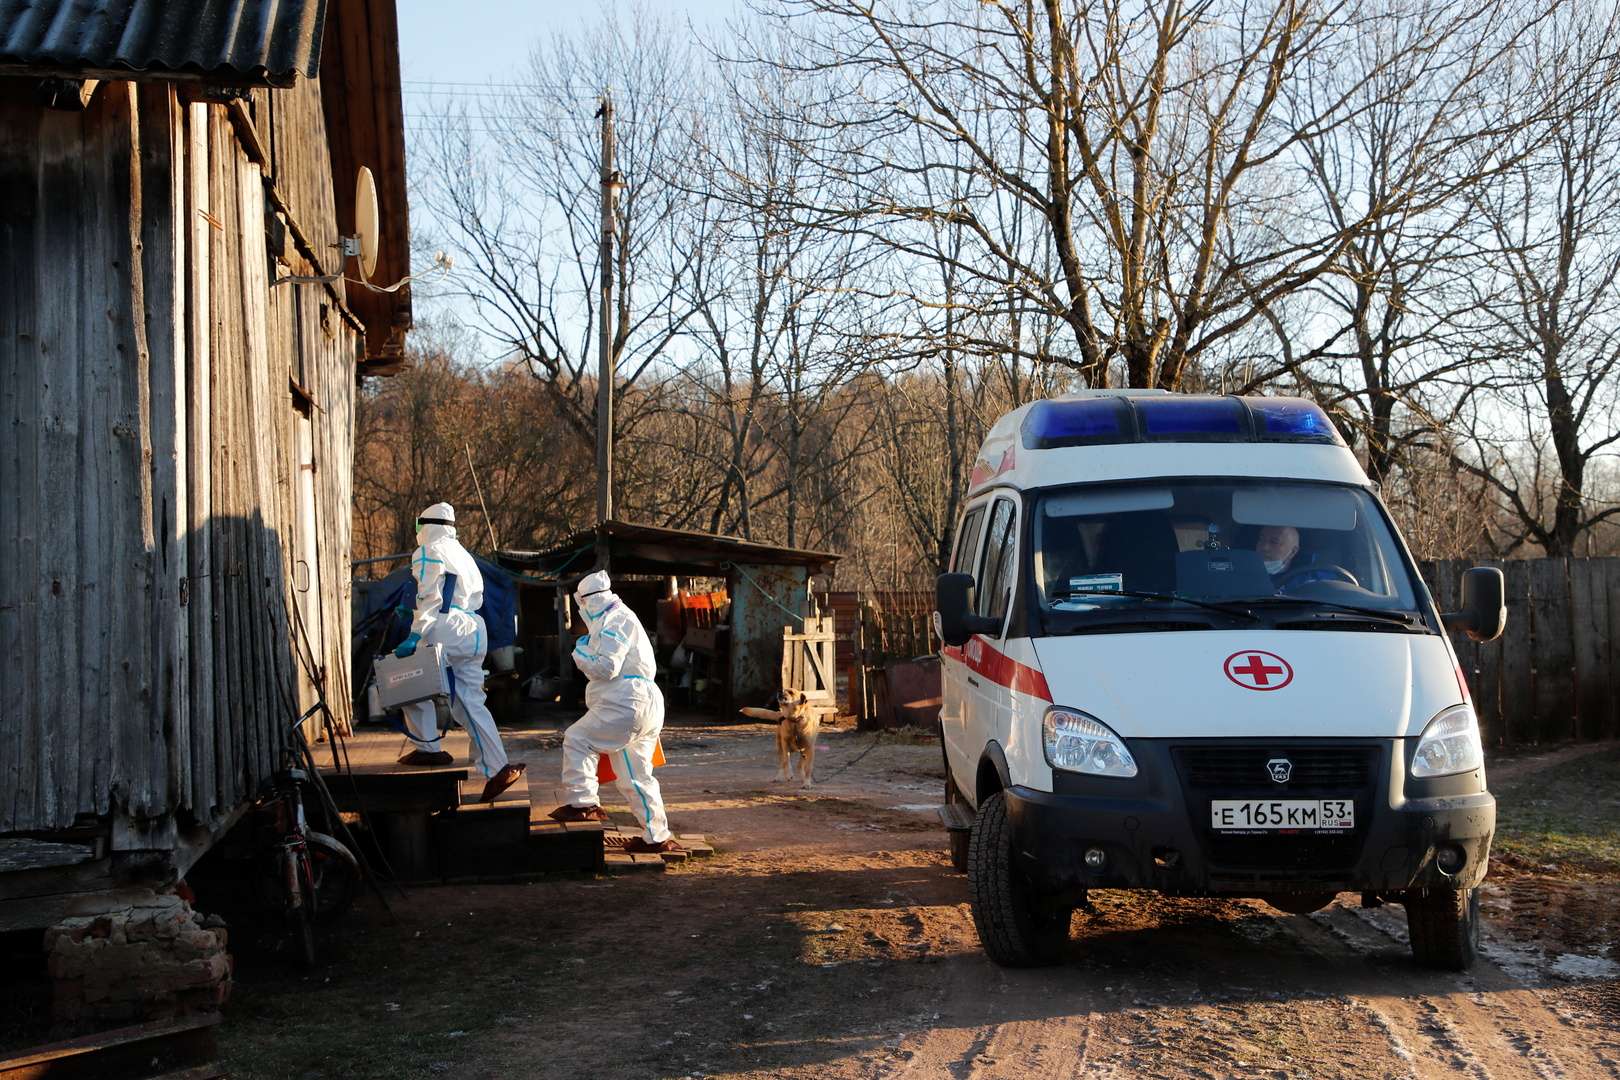 إصابات كورونا الجديدة في روسيا عند أعلى مستوى منذ نحو أسبوعين